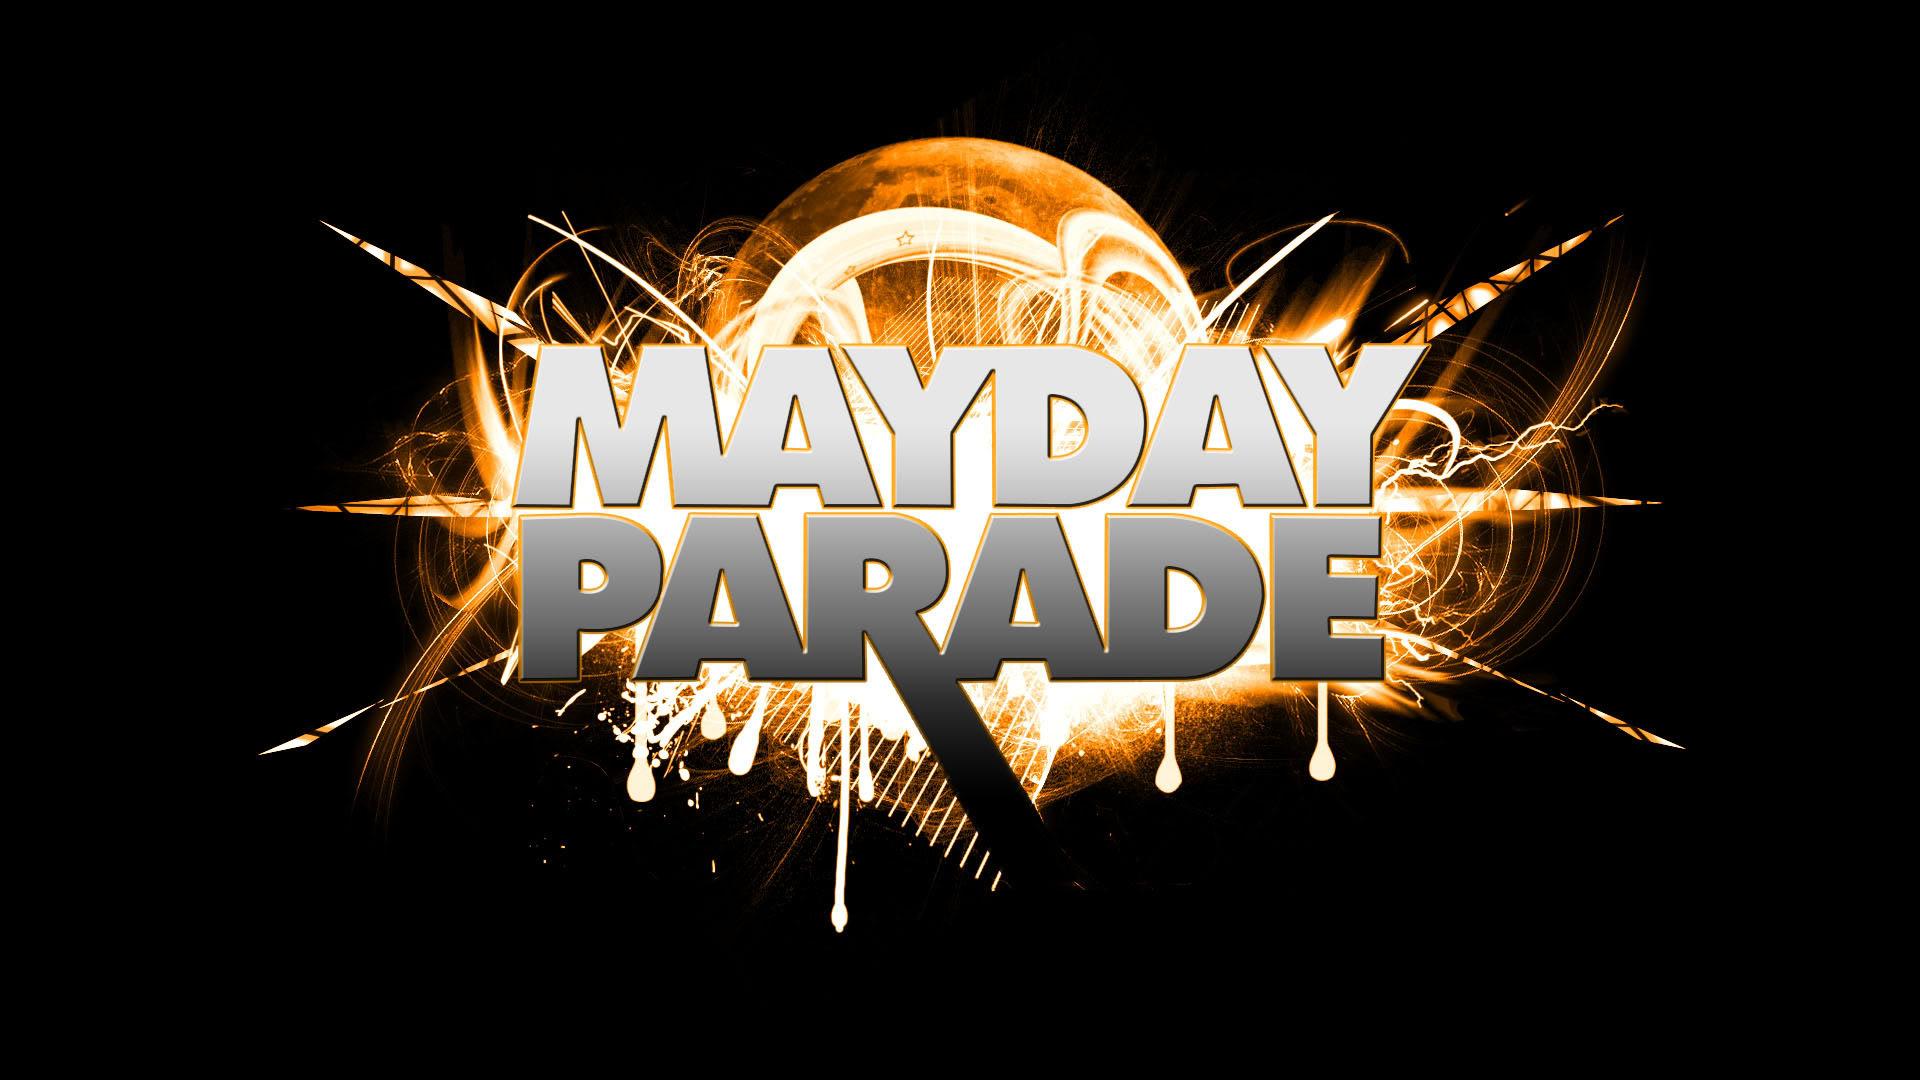 Mayday parade wallpaper   SF Wallpaper 1920x1080